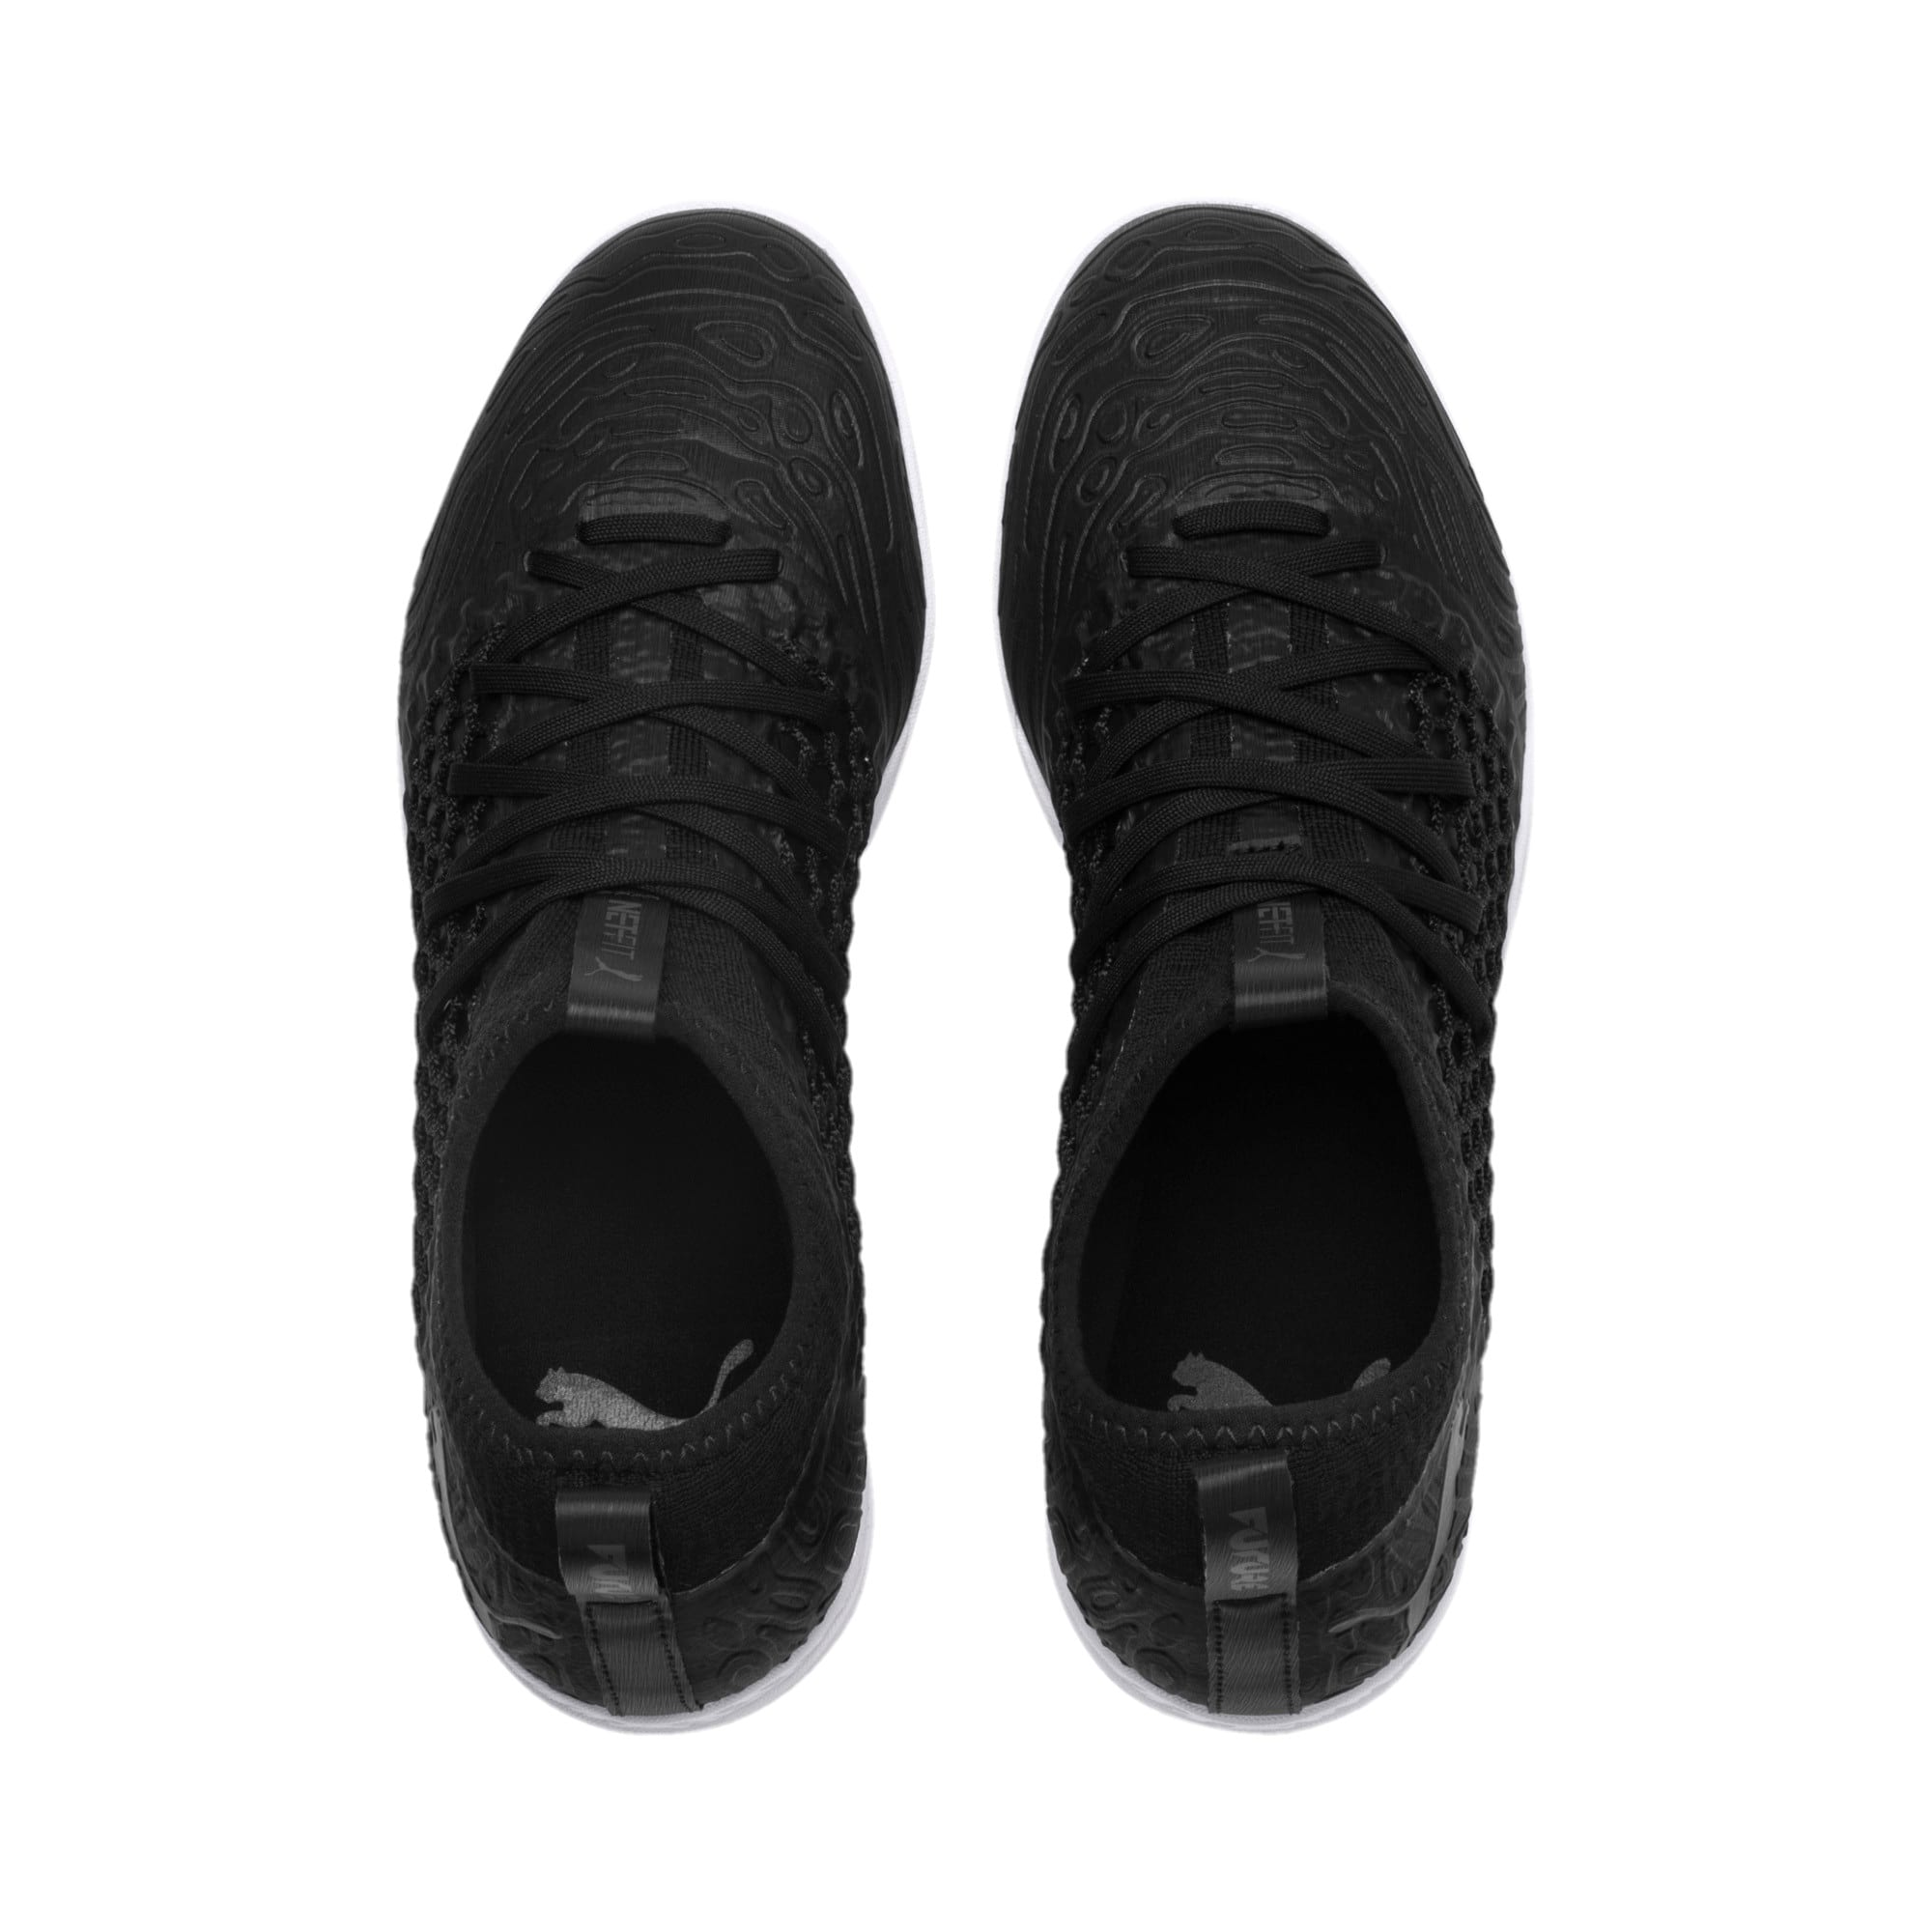 Thumbnail 6 of FUTURE 19.3 NETFIT TT Men's Soccer Shoes, Puma Black-Puma Black-White, medium